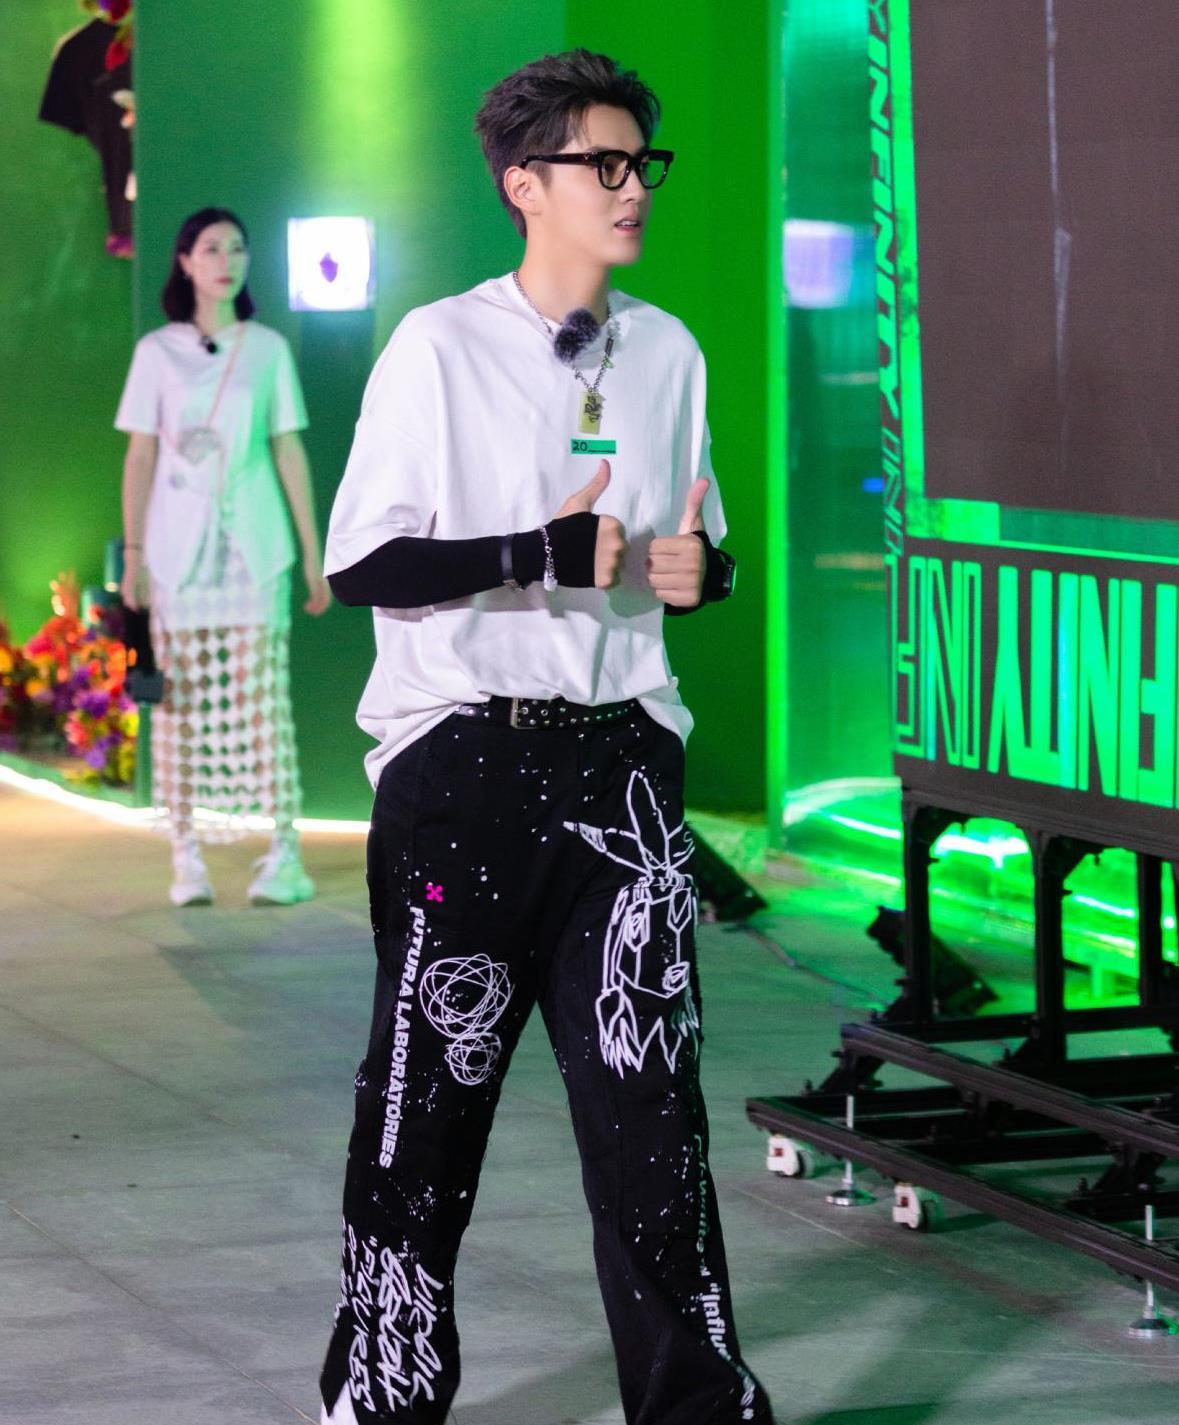 吴亦凡白T搭配黑色涂鸦印花长裤,潮味儿十足,不愧是时尚ico